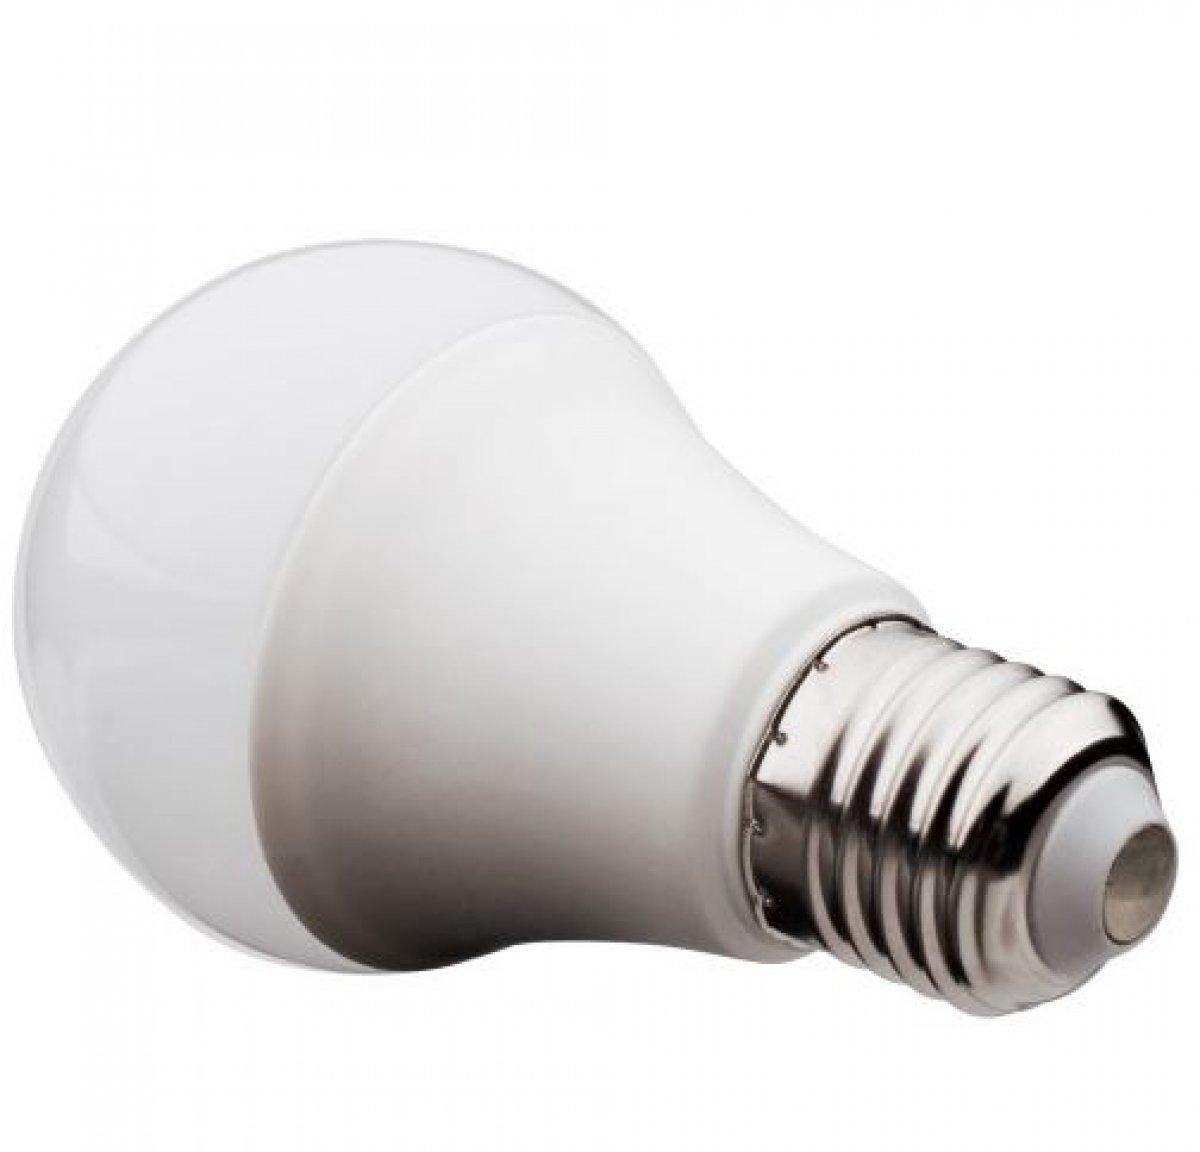 Żarówka E27 LED SMD 2835 10W zimna KULA kulka CW